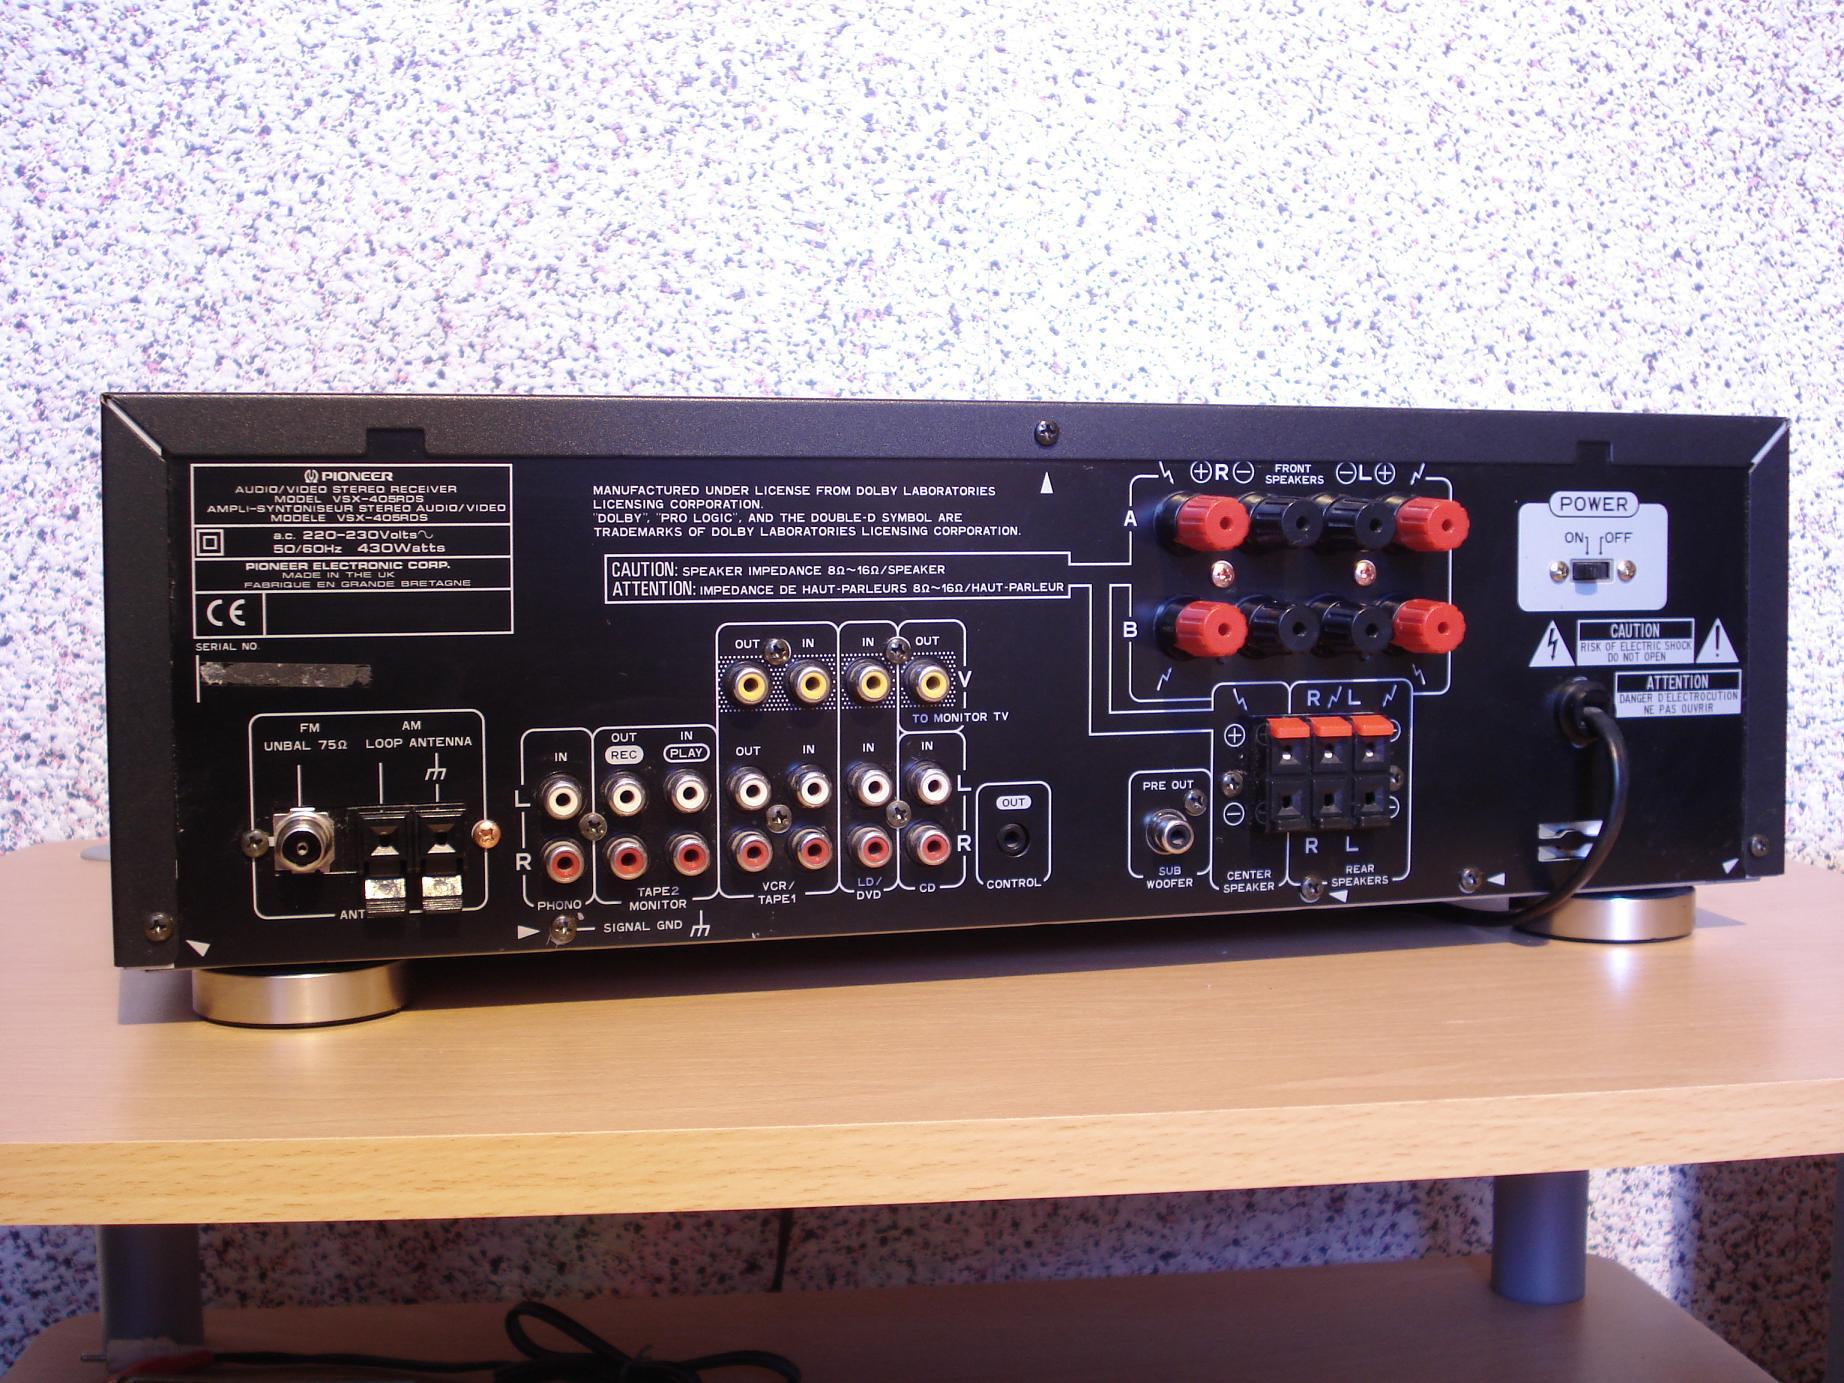 Wiring Diagram Pioneer Dxt 2369ub : Pioneer dxt ub wiring diagram parts